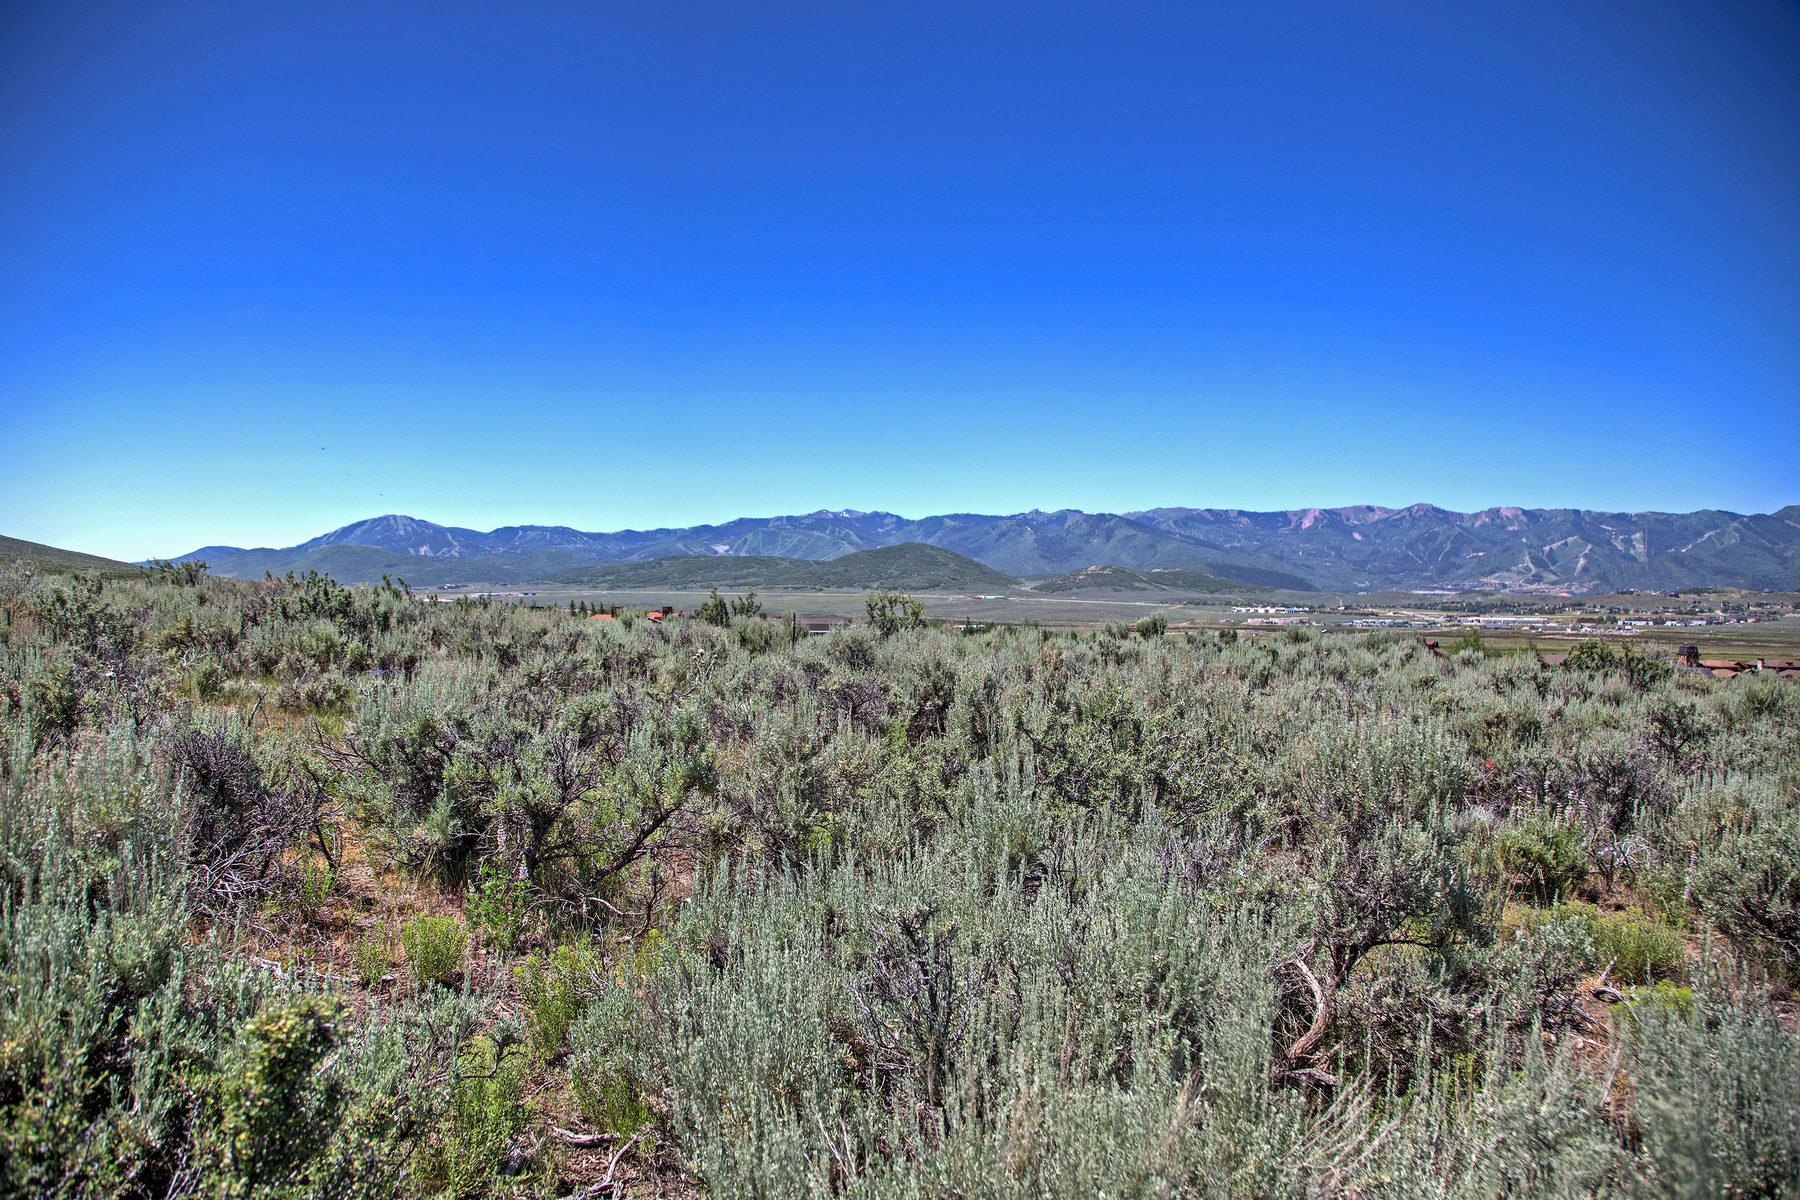 Terrain pour l Vente à Promontory View Lot 2766 Bitterbrush Drive Lot 51 Park City, Utah, 84098 États-Unis